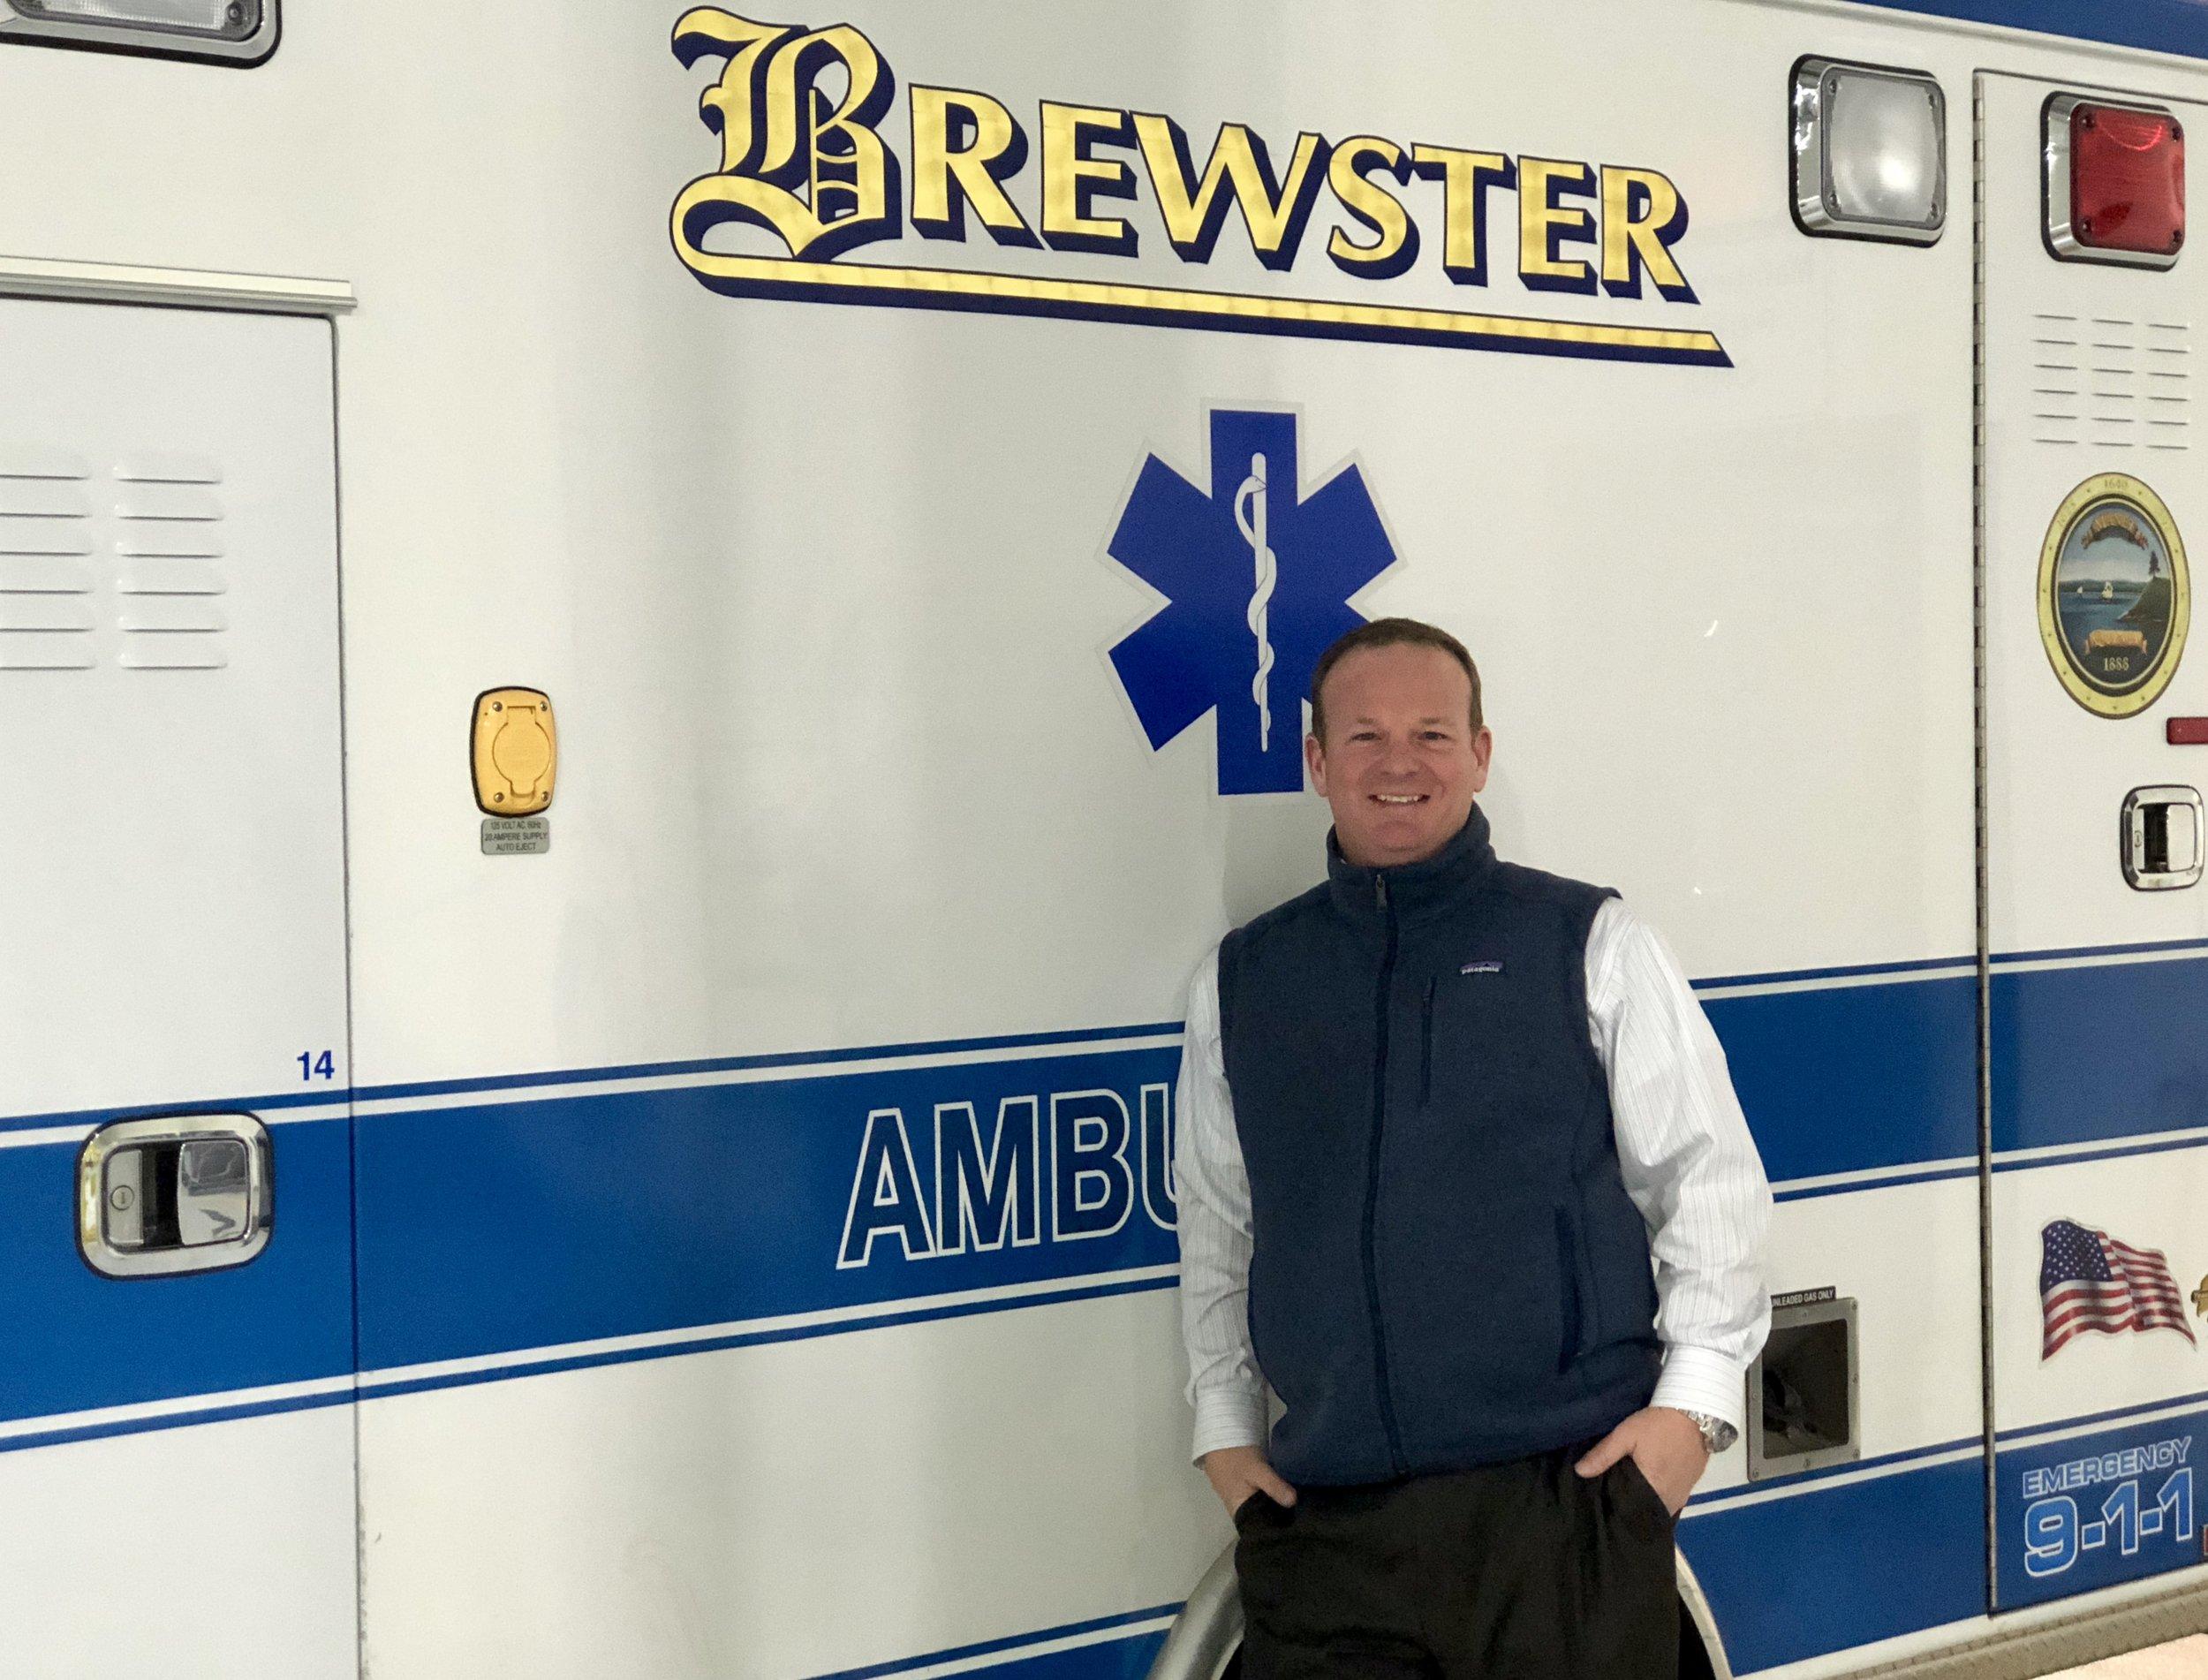 Mark Brewster